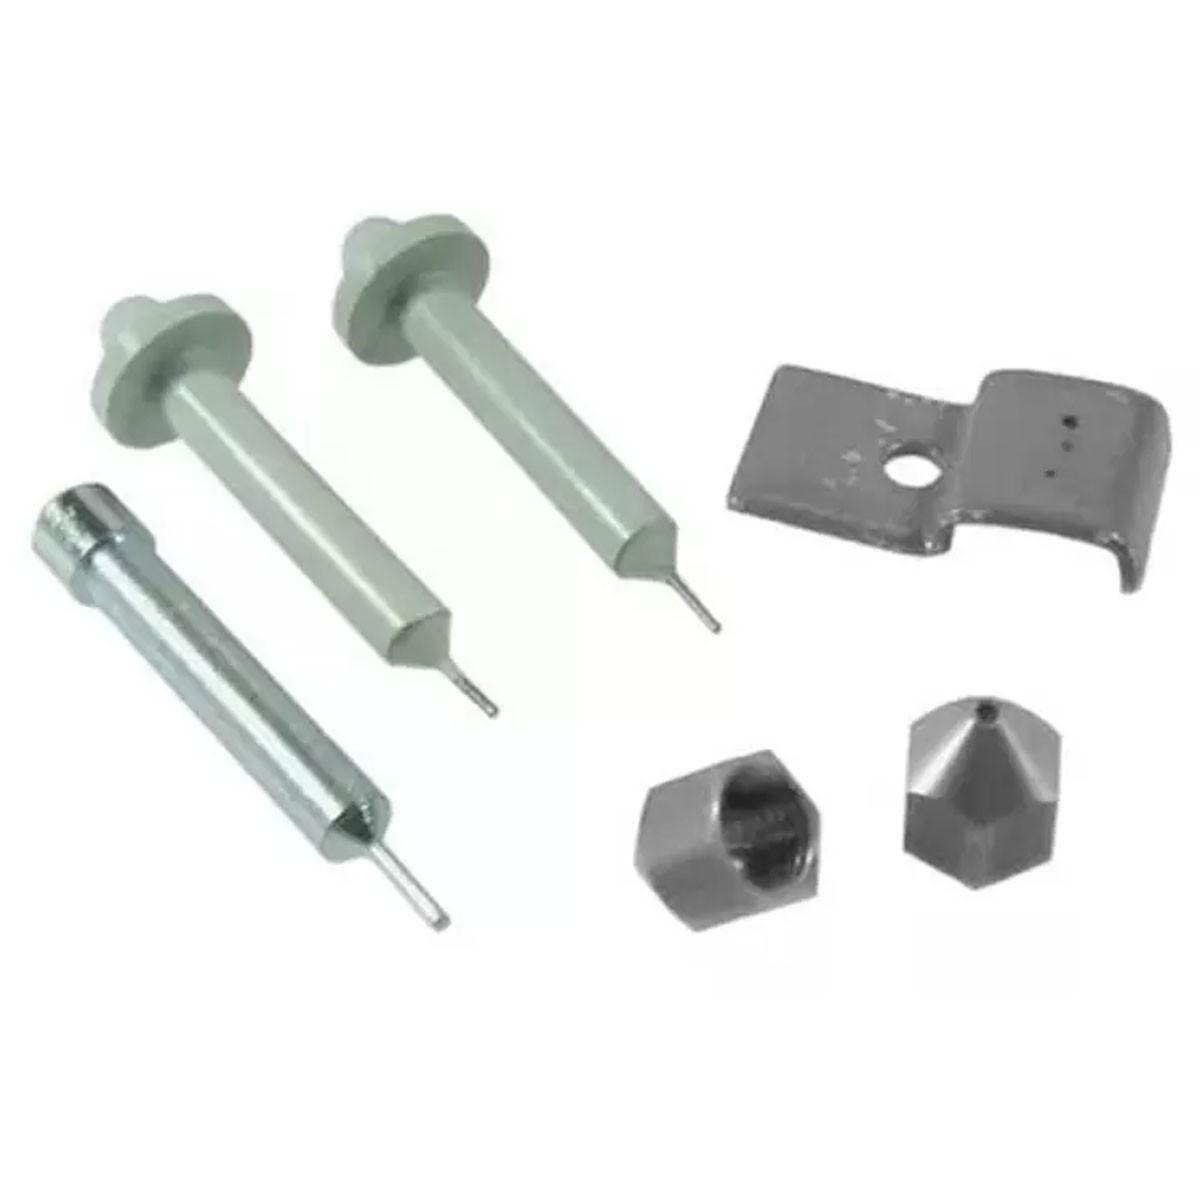 Kit Punção para Perfurador de Placa 3 Tamanhos 0,8mm 1,0mm e 1,5mm